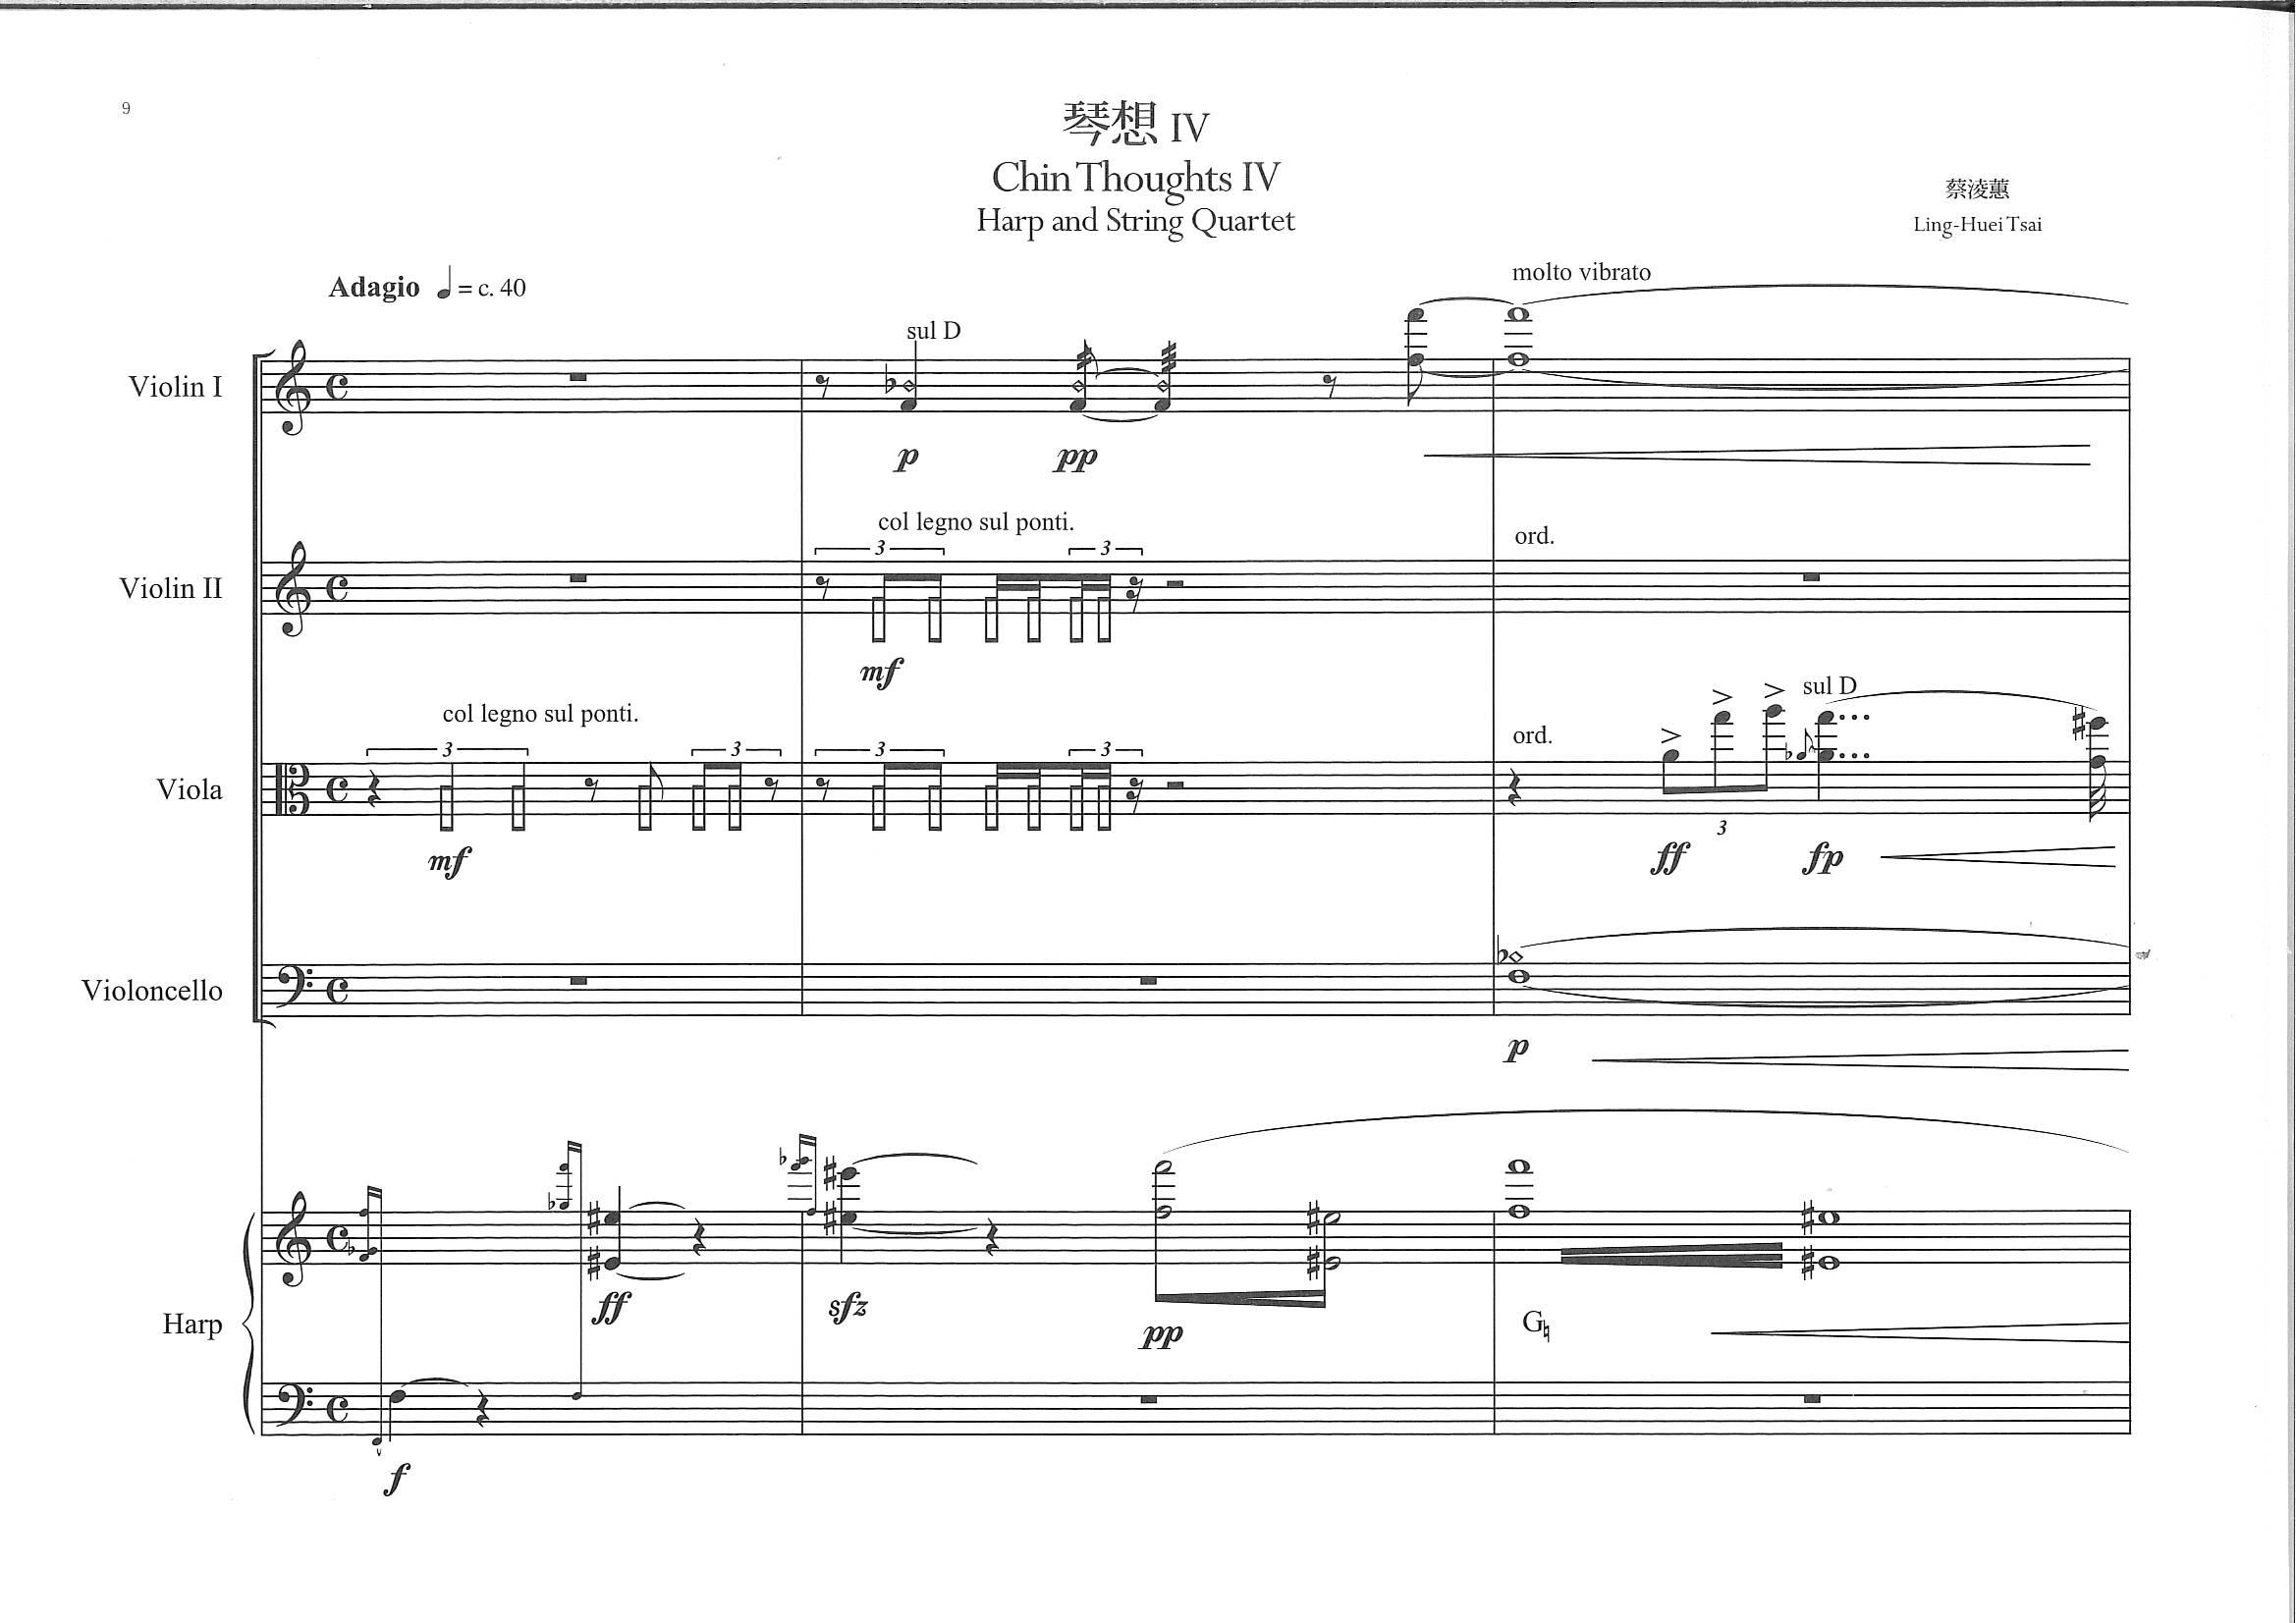 蔡淩蕙《琴想IV》豎琴與弦樂四重奏_p1.jpg